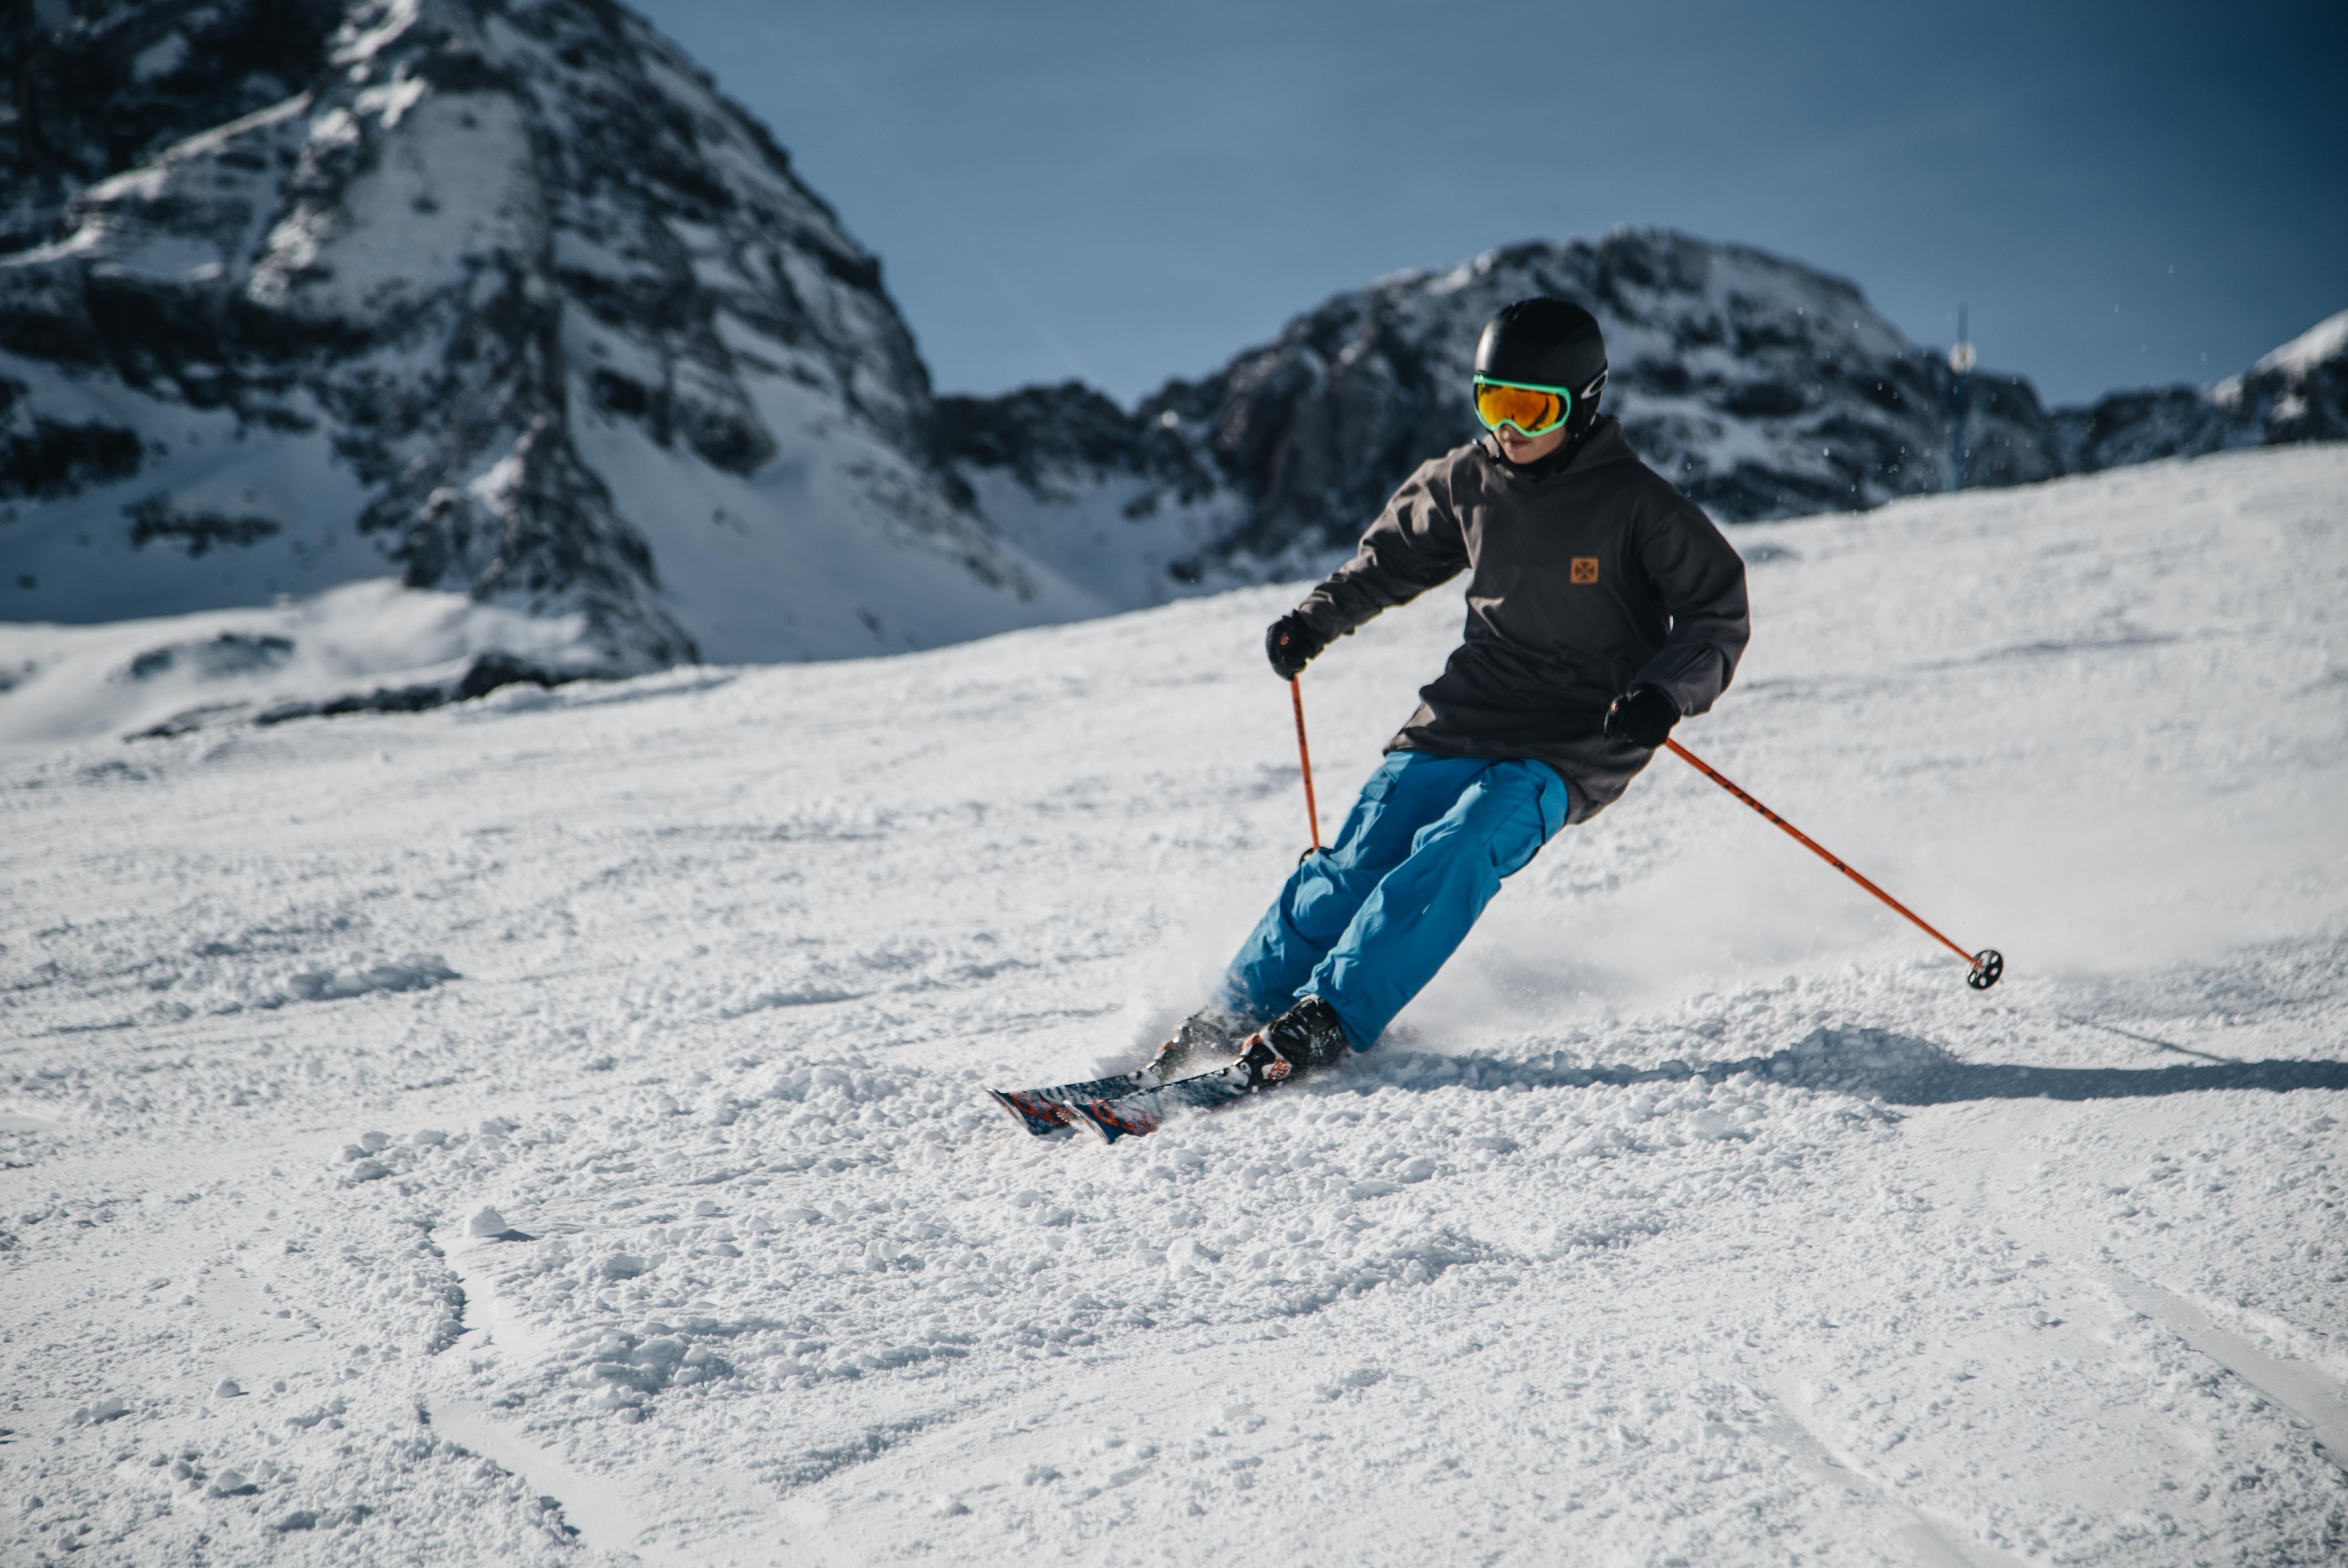 Consejos para esquiar mejorando tu técnica de esquí